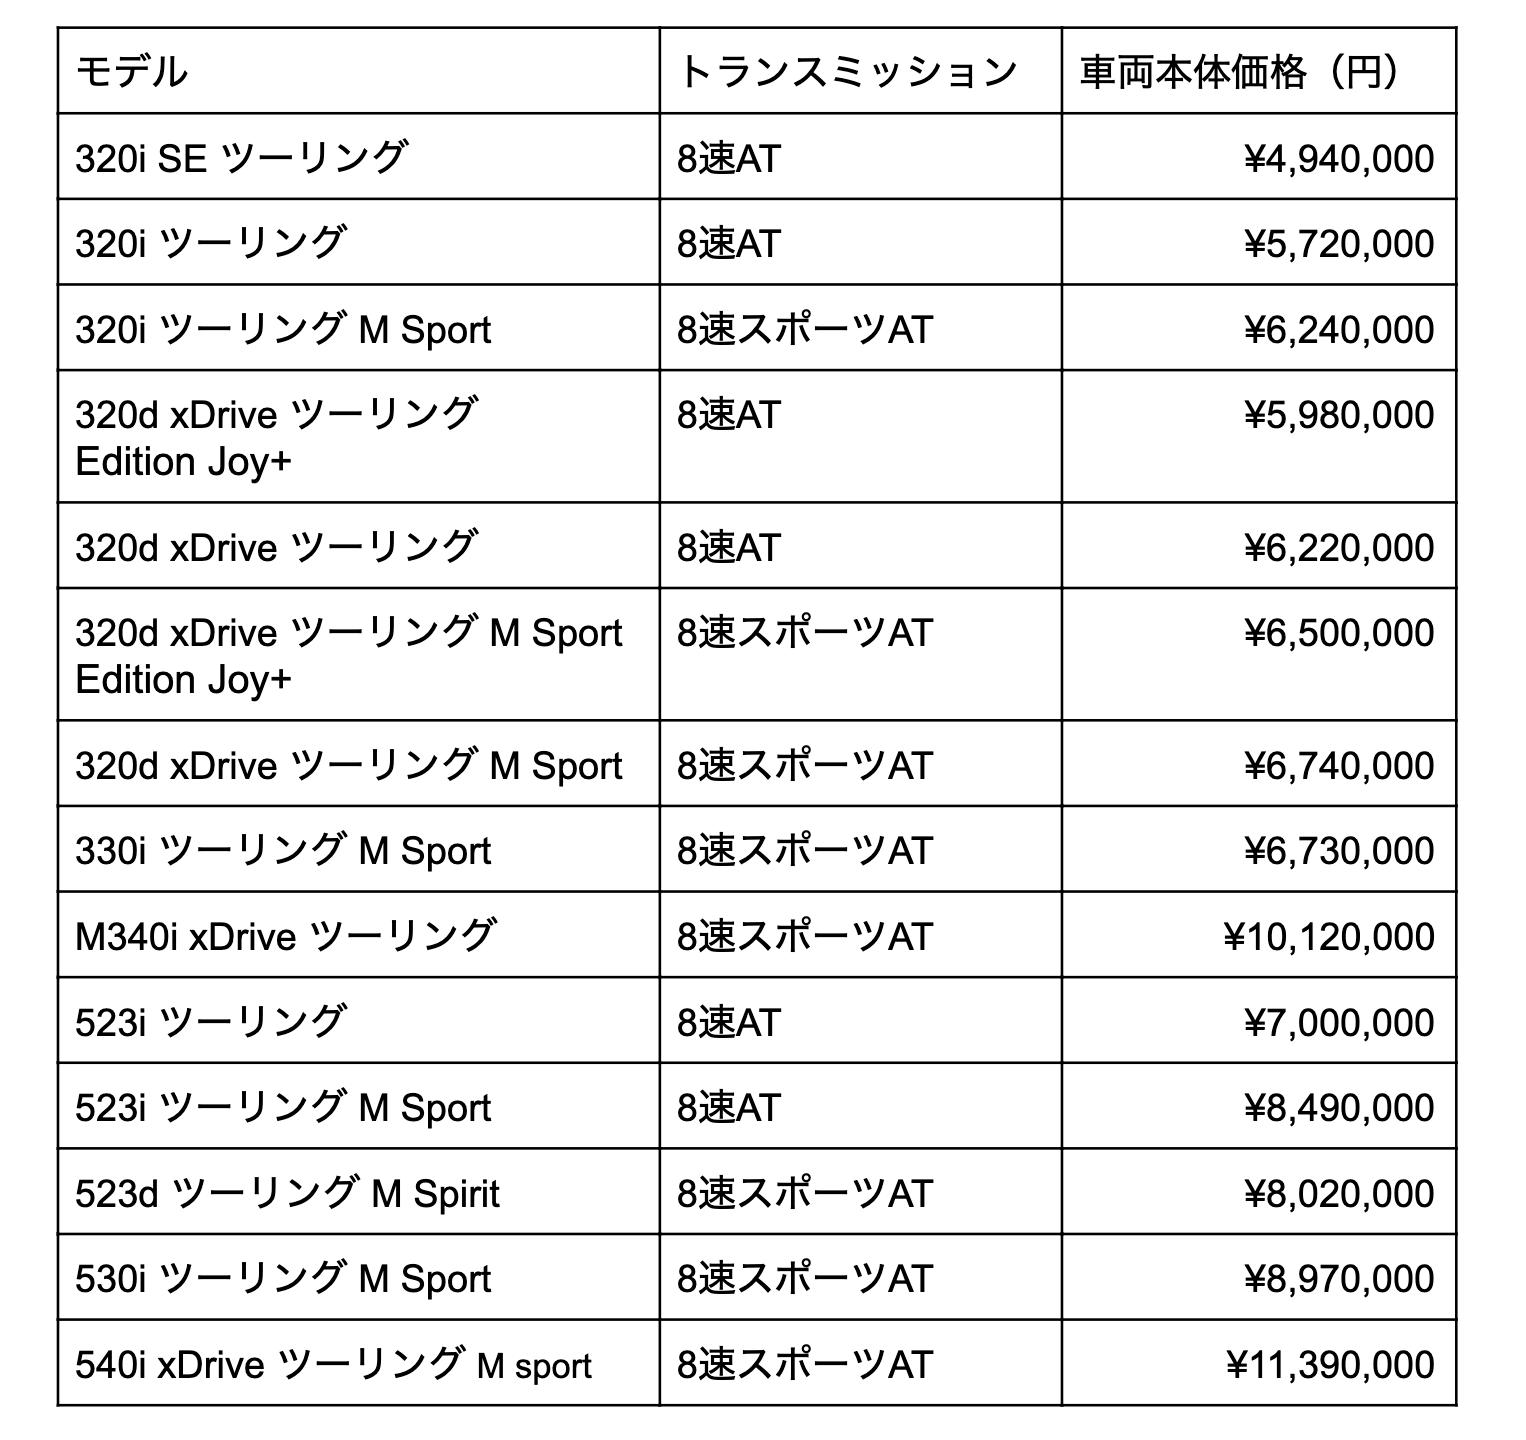 BMW ツーリング 価格帯の比較表